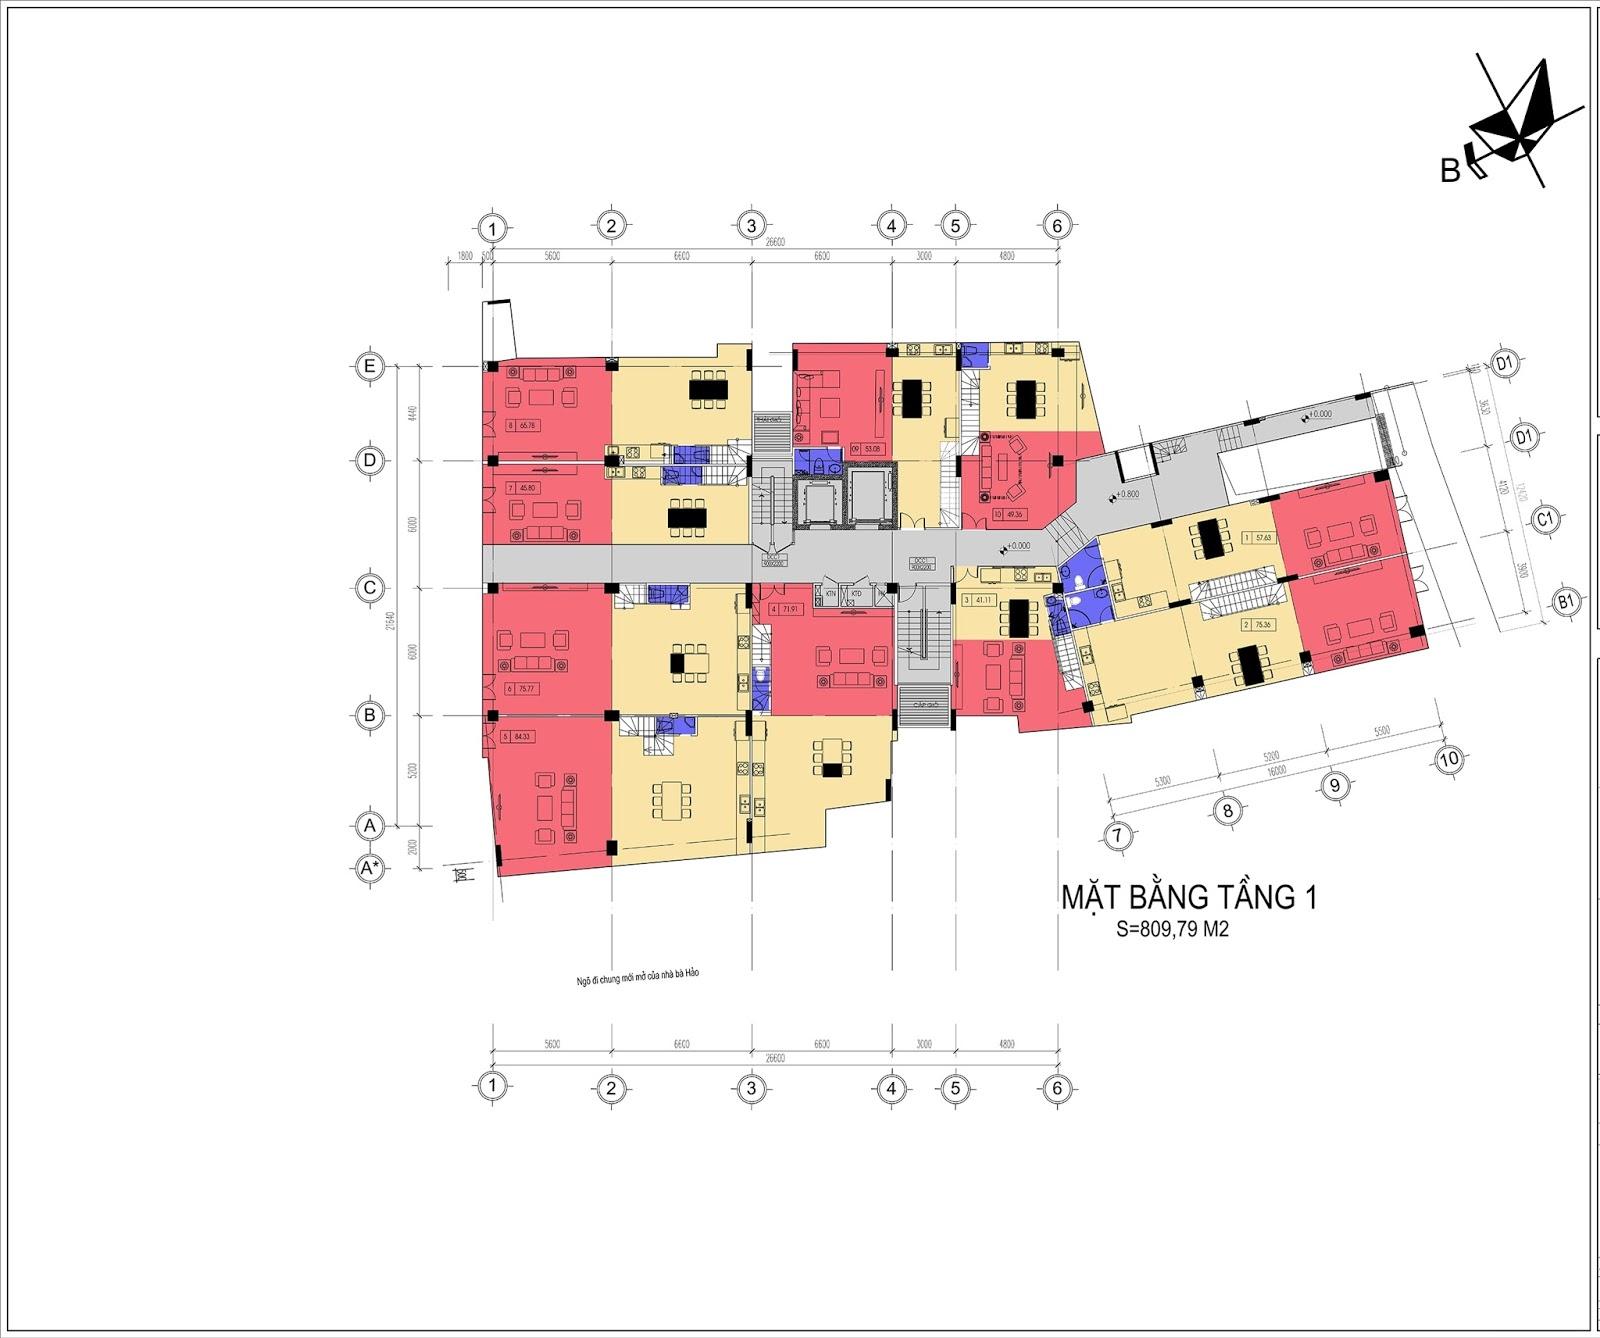 Mặt bằng điển hình tầng 1 dự án Núi Trúc Square